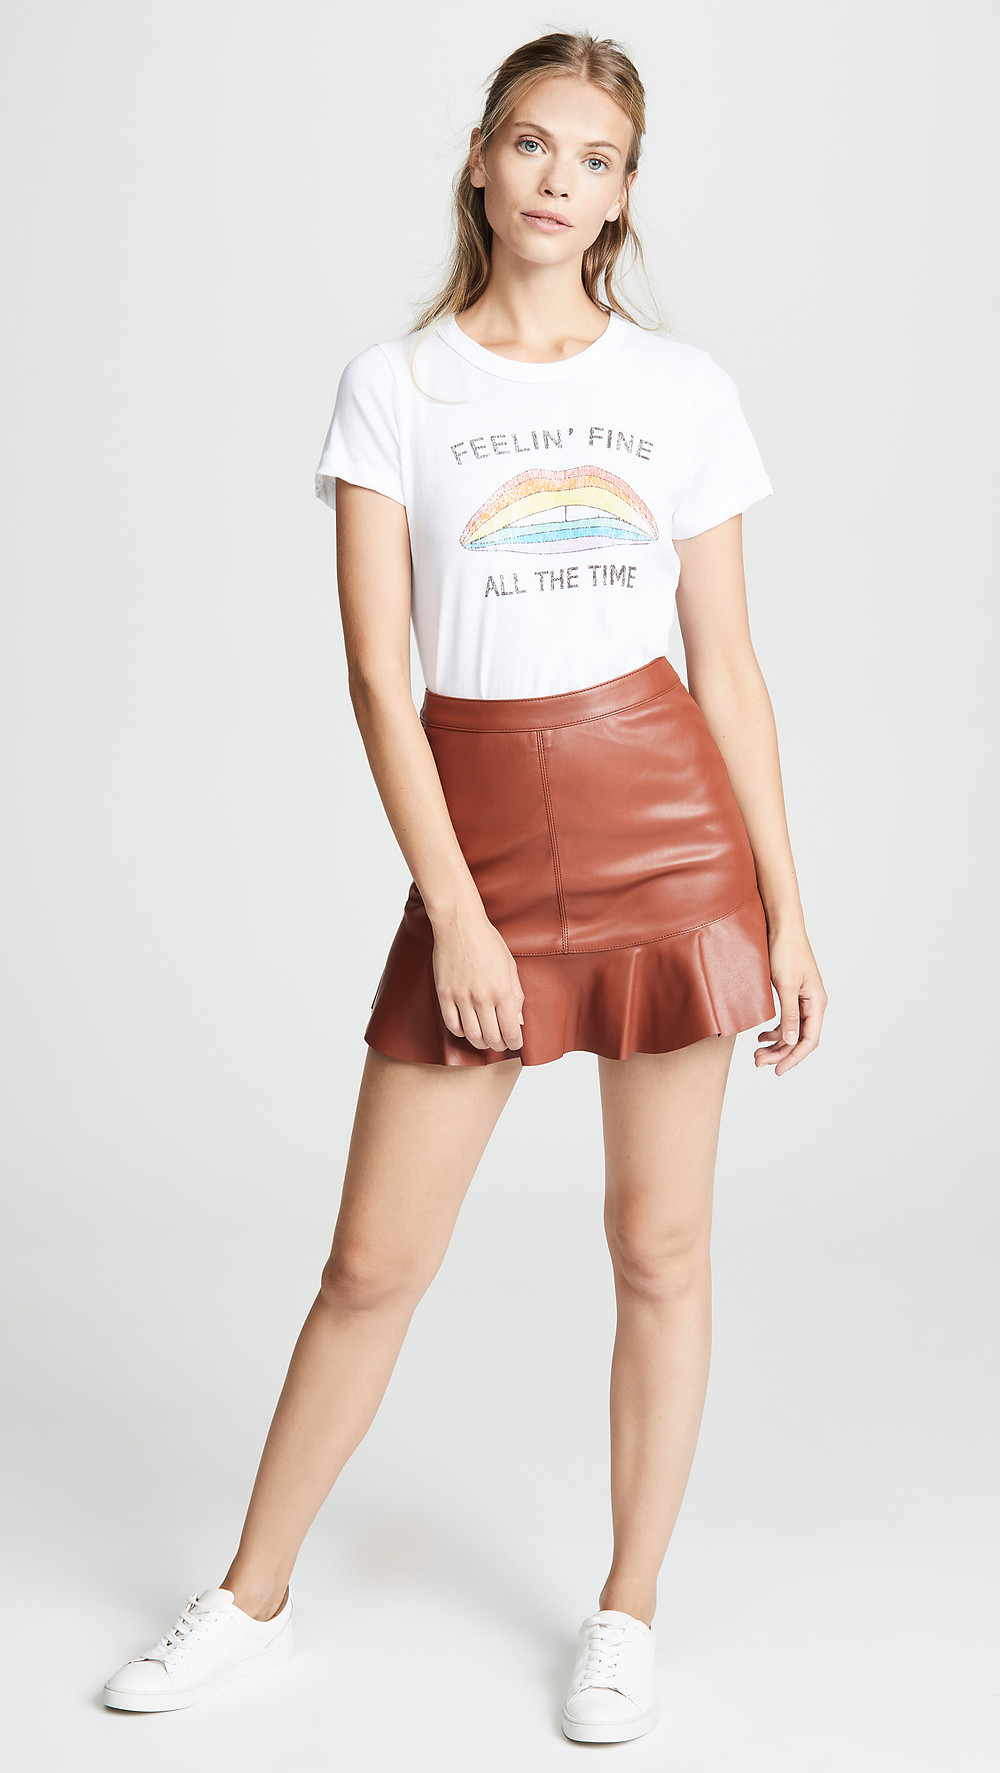 BB Dakota Veni Vidi Vici Vegan Leather Miniskirt $80